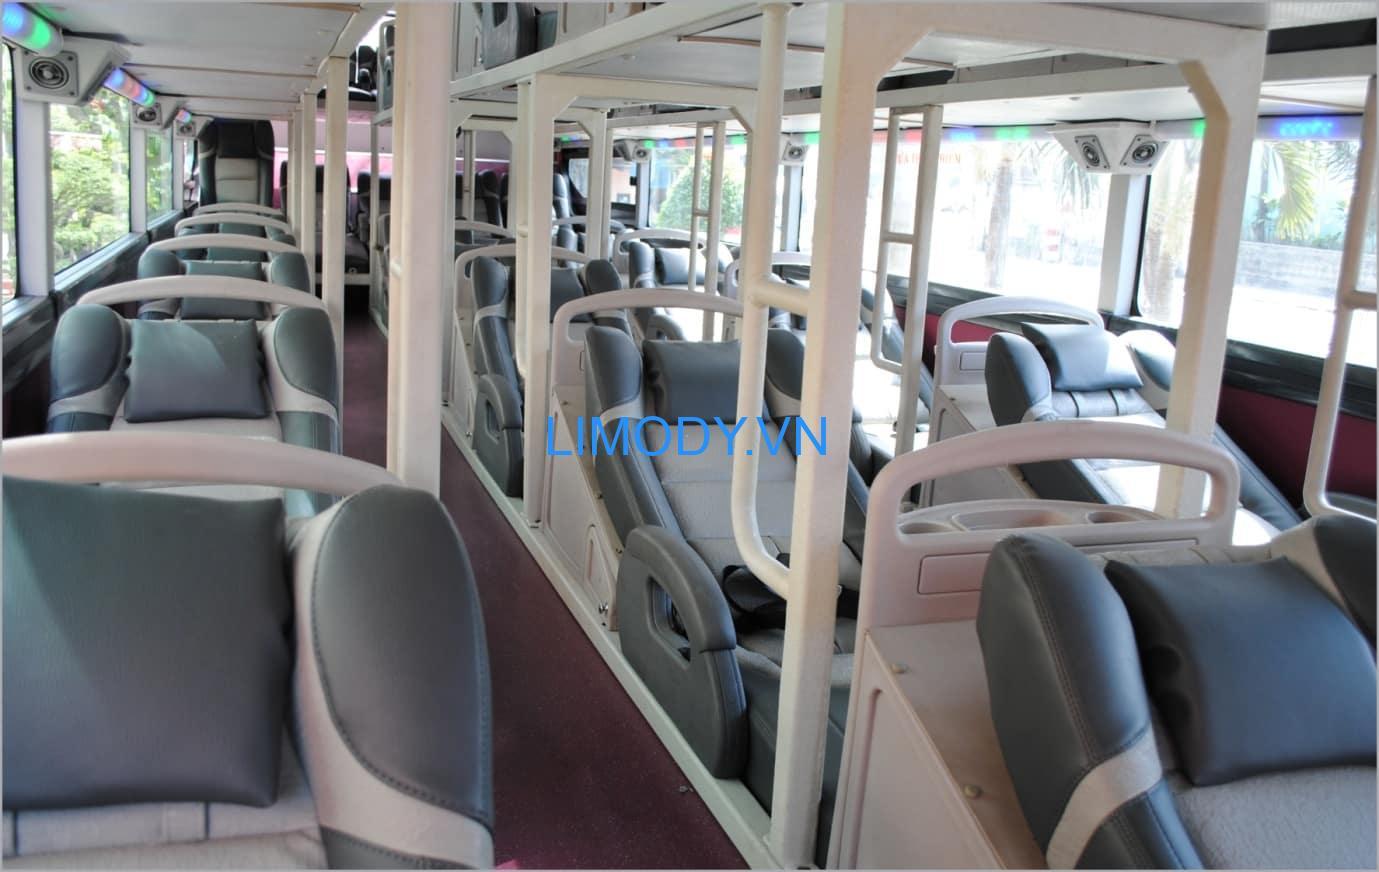 Top 30 Nhà xe Sài Gòn Hà Nội Bắc Nam: đặt vé limousine, xe khách giường nằm